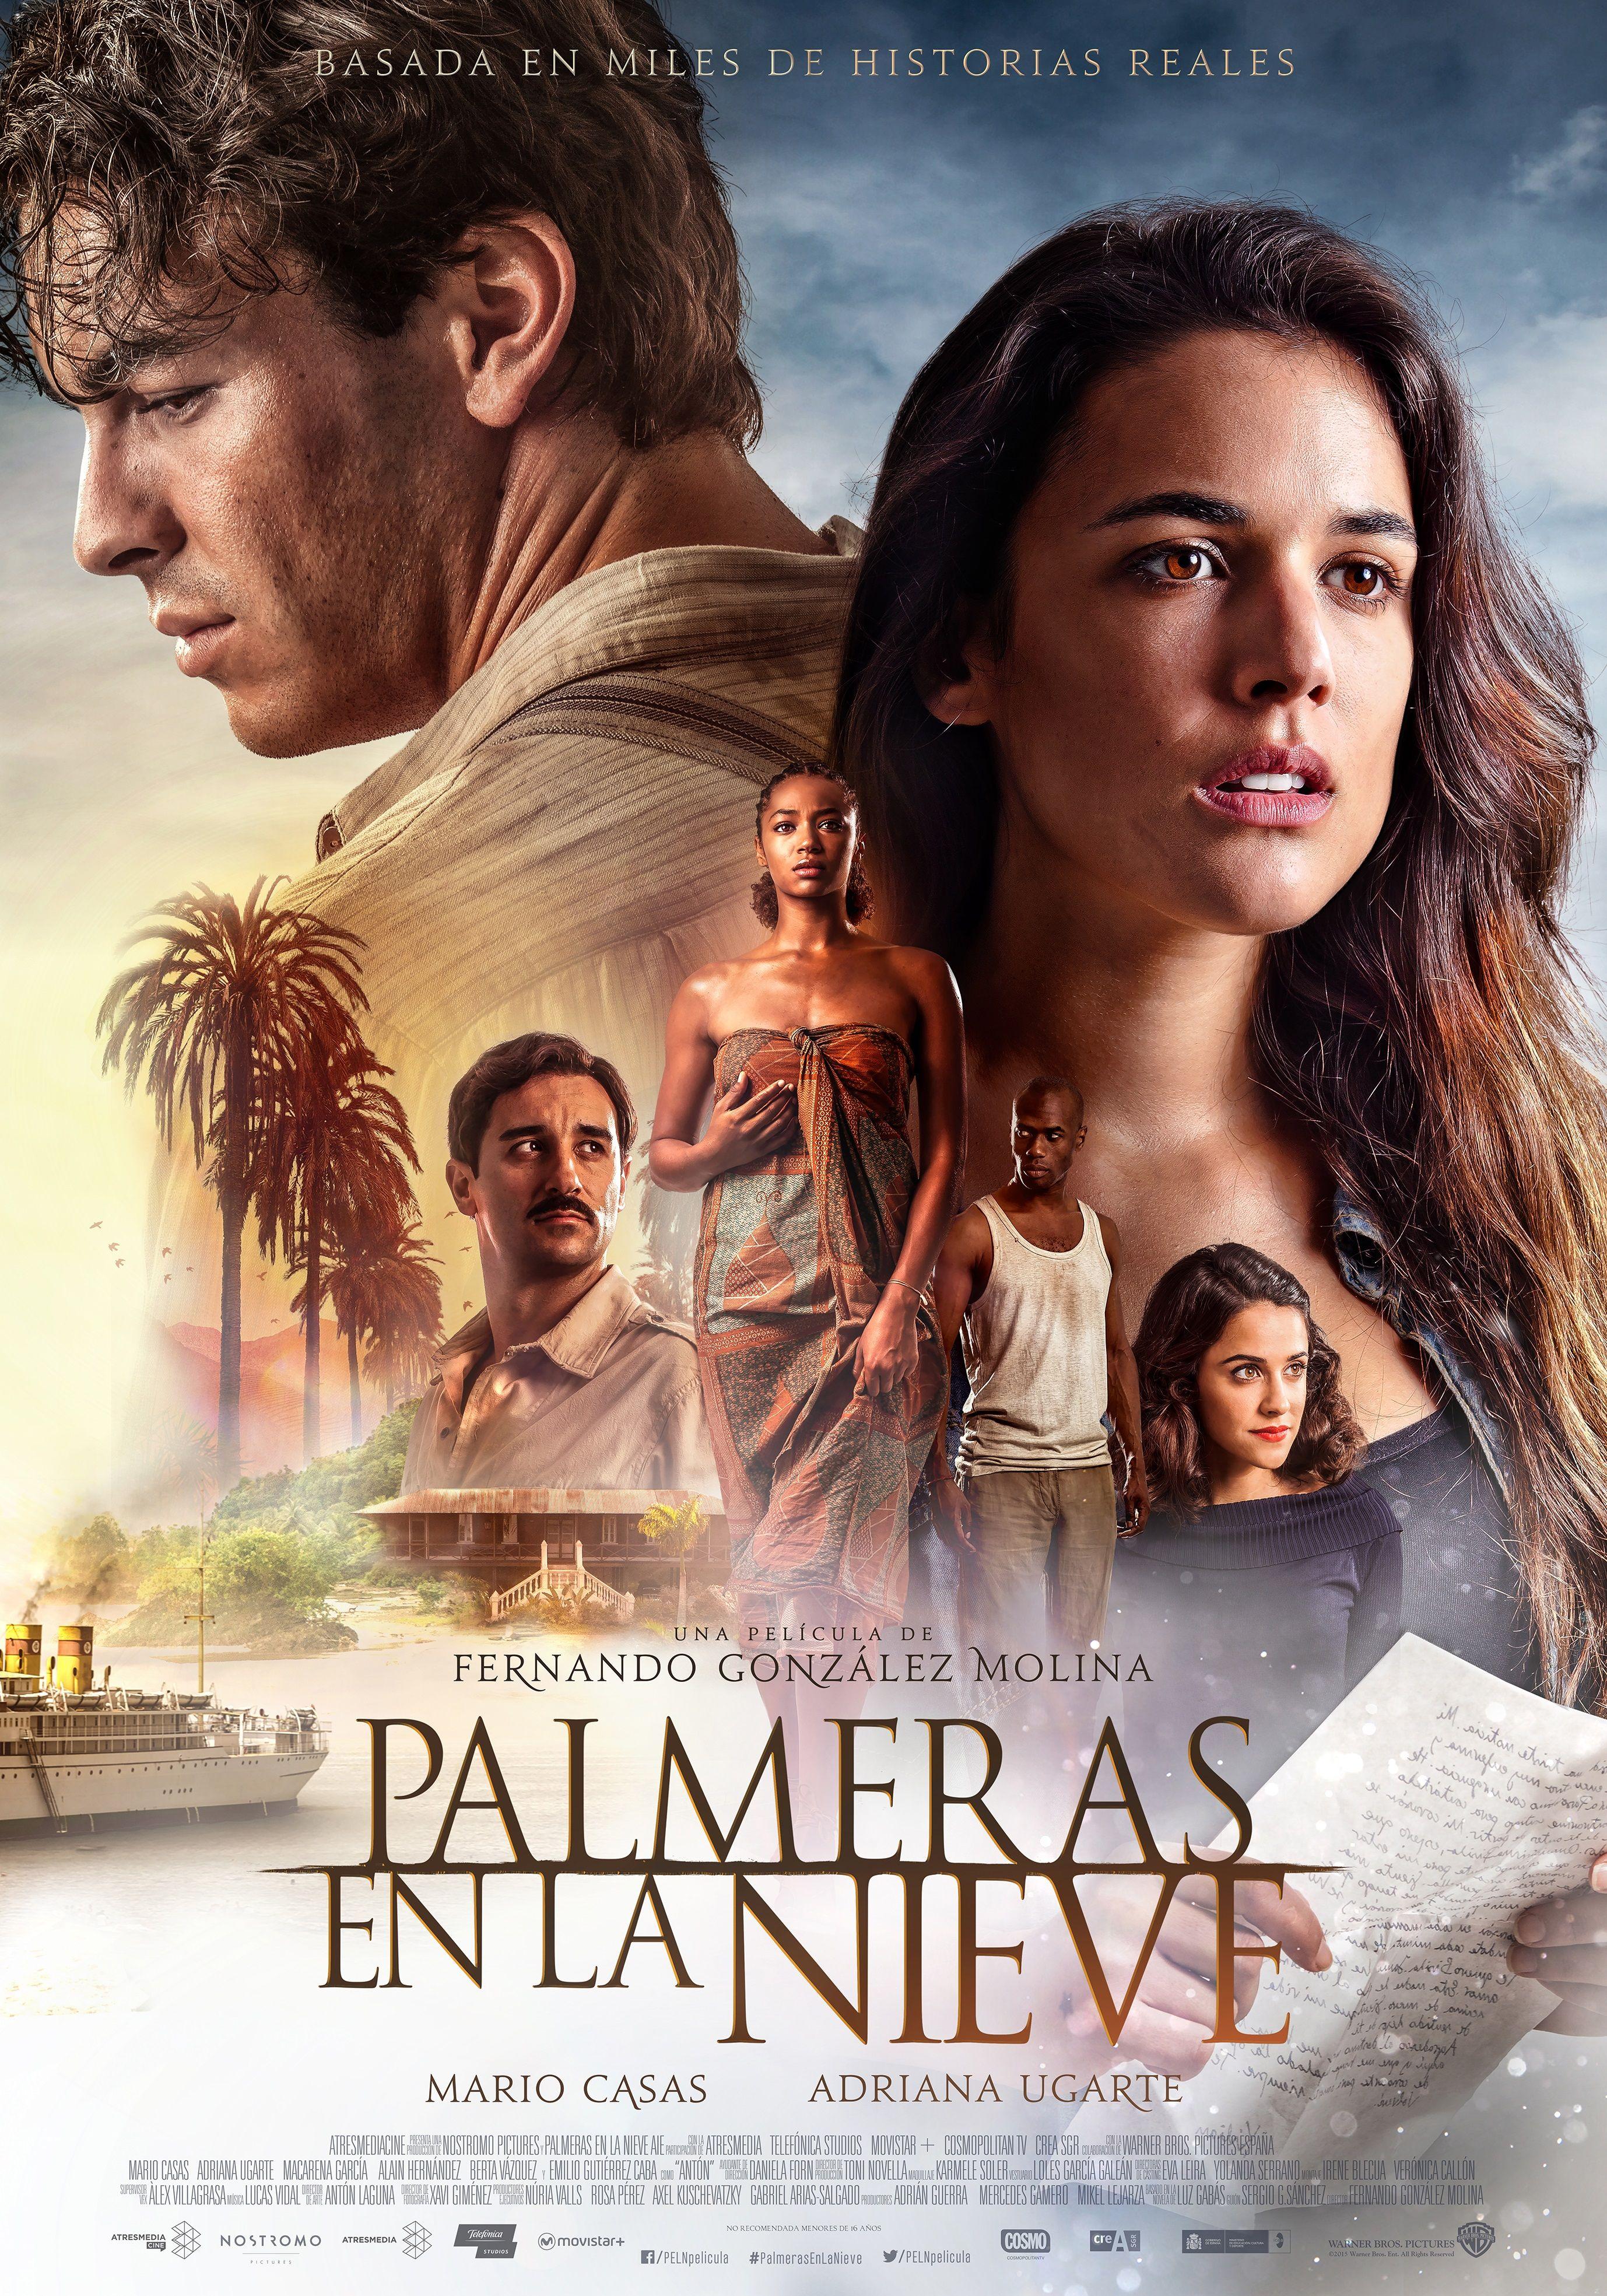 Pin de Maria J Vazquez en películas Palmeras en la nieve